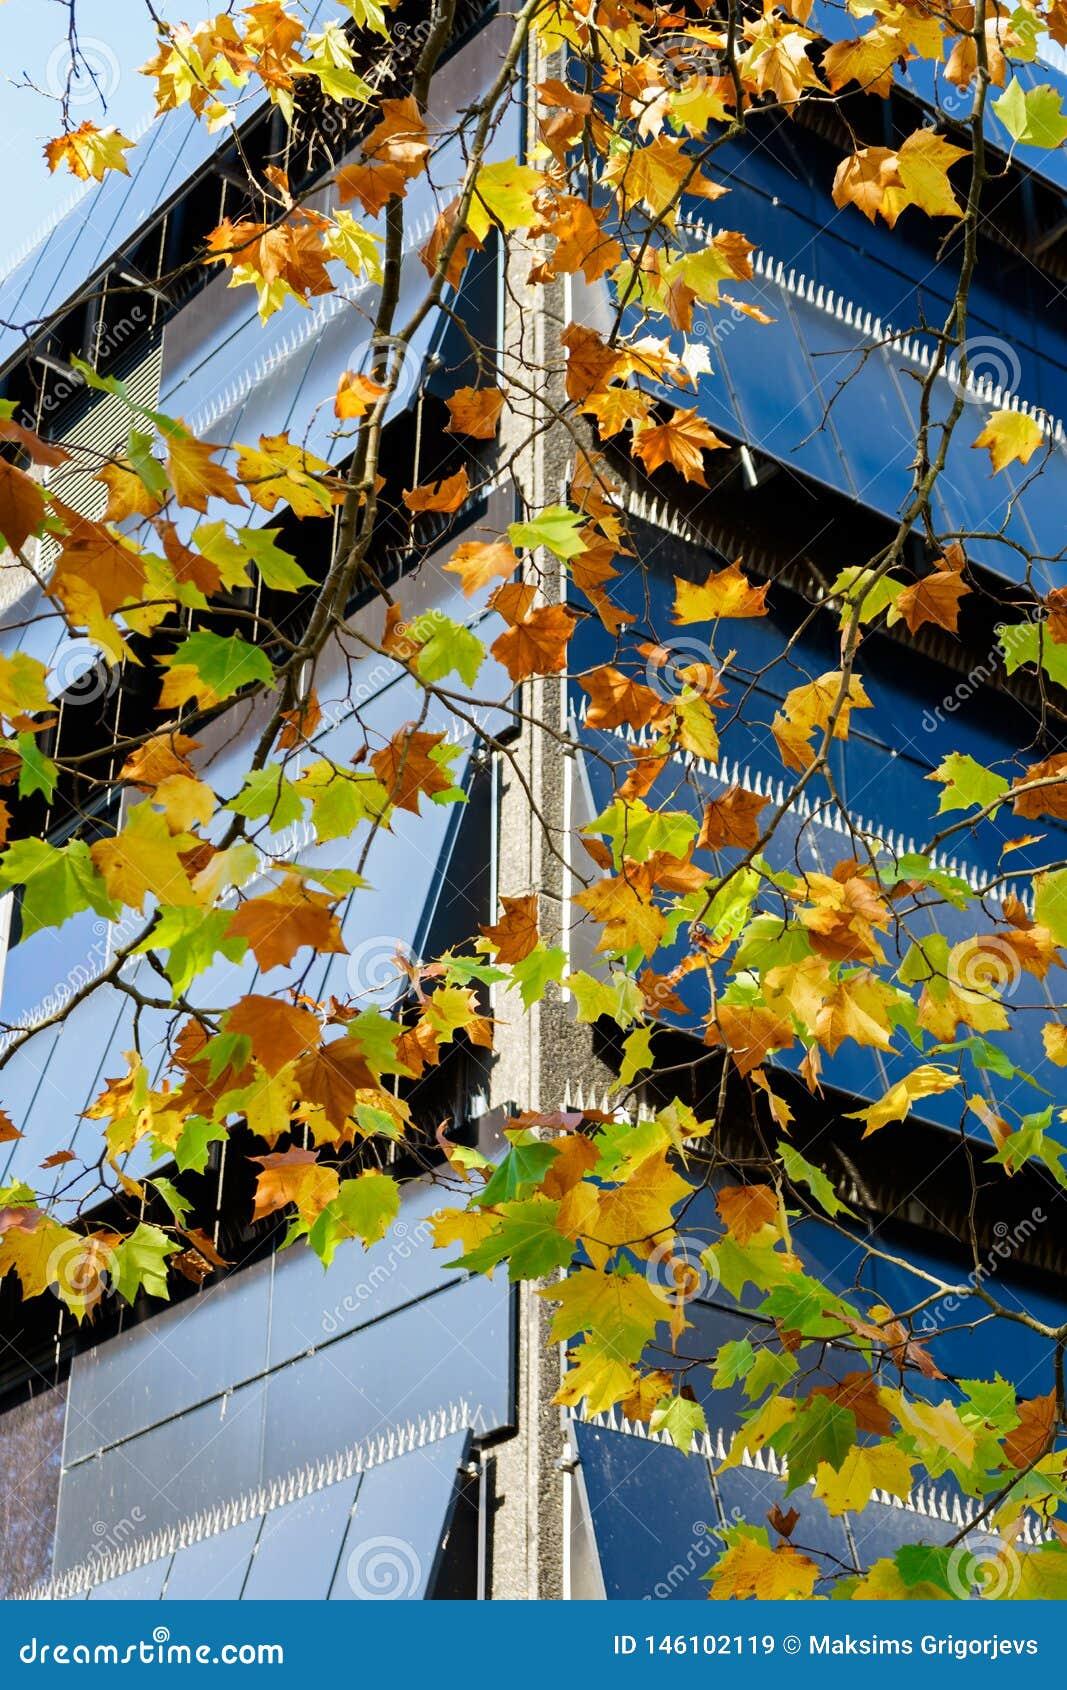 Κλάδος δέντρων σφενδάμνου με χρωματισμένα τα φθινόπωρο φύλλα και κτίριο γραφείων στο υπόβαθρο